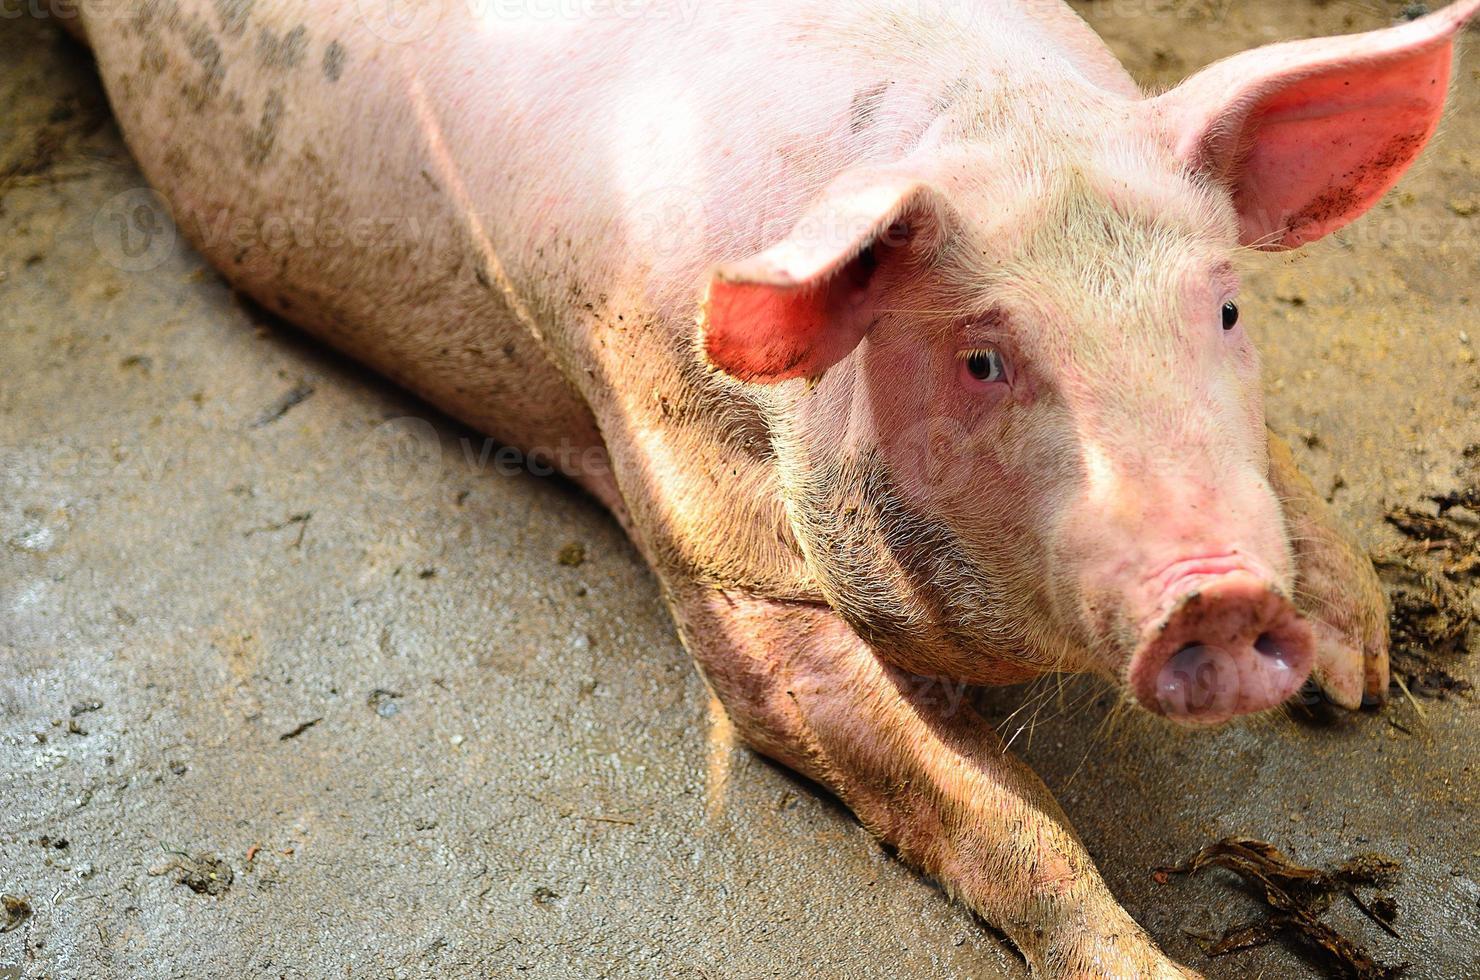 single pig at an farm photo